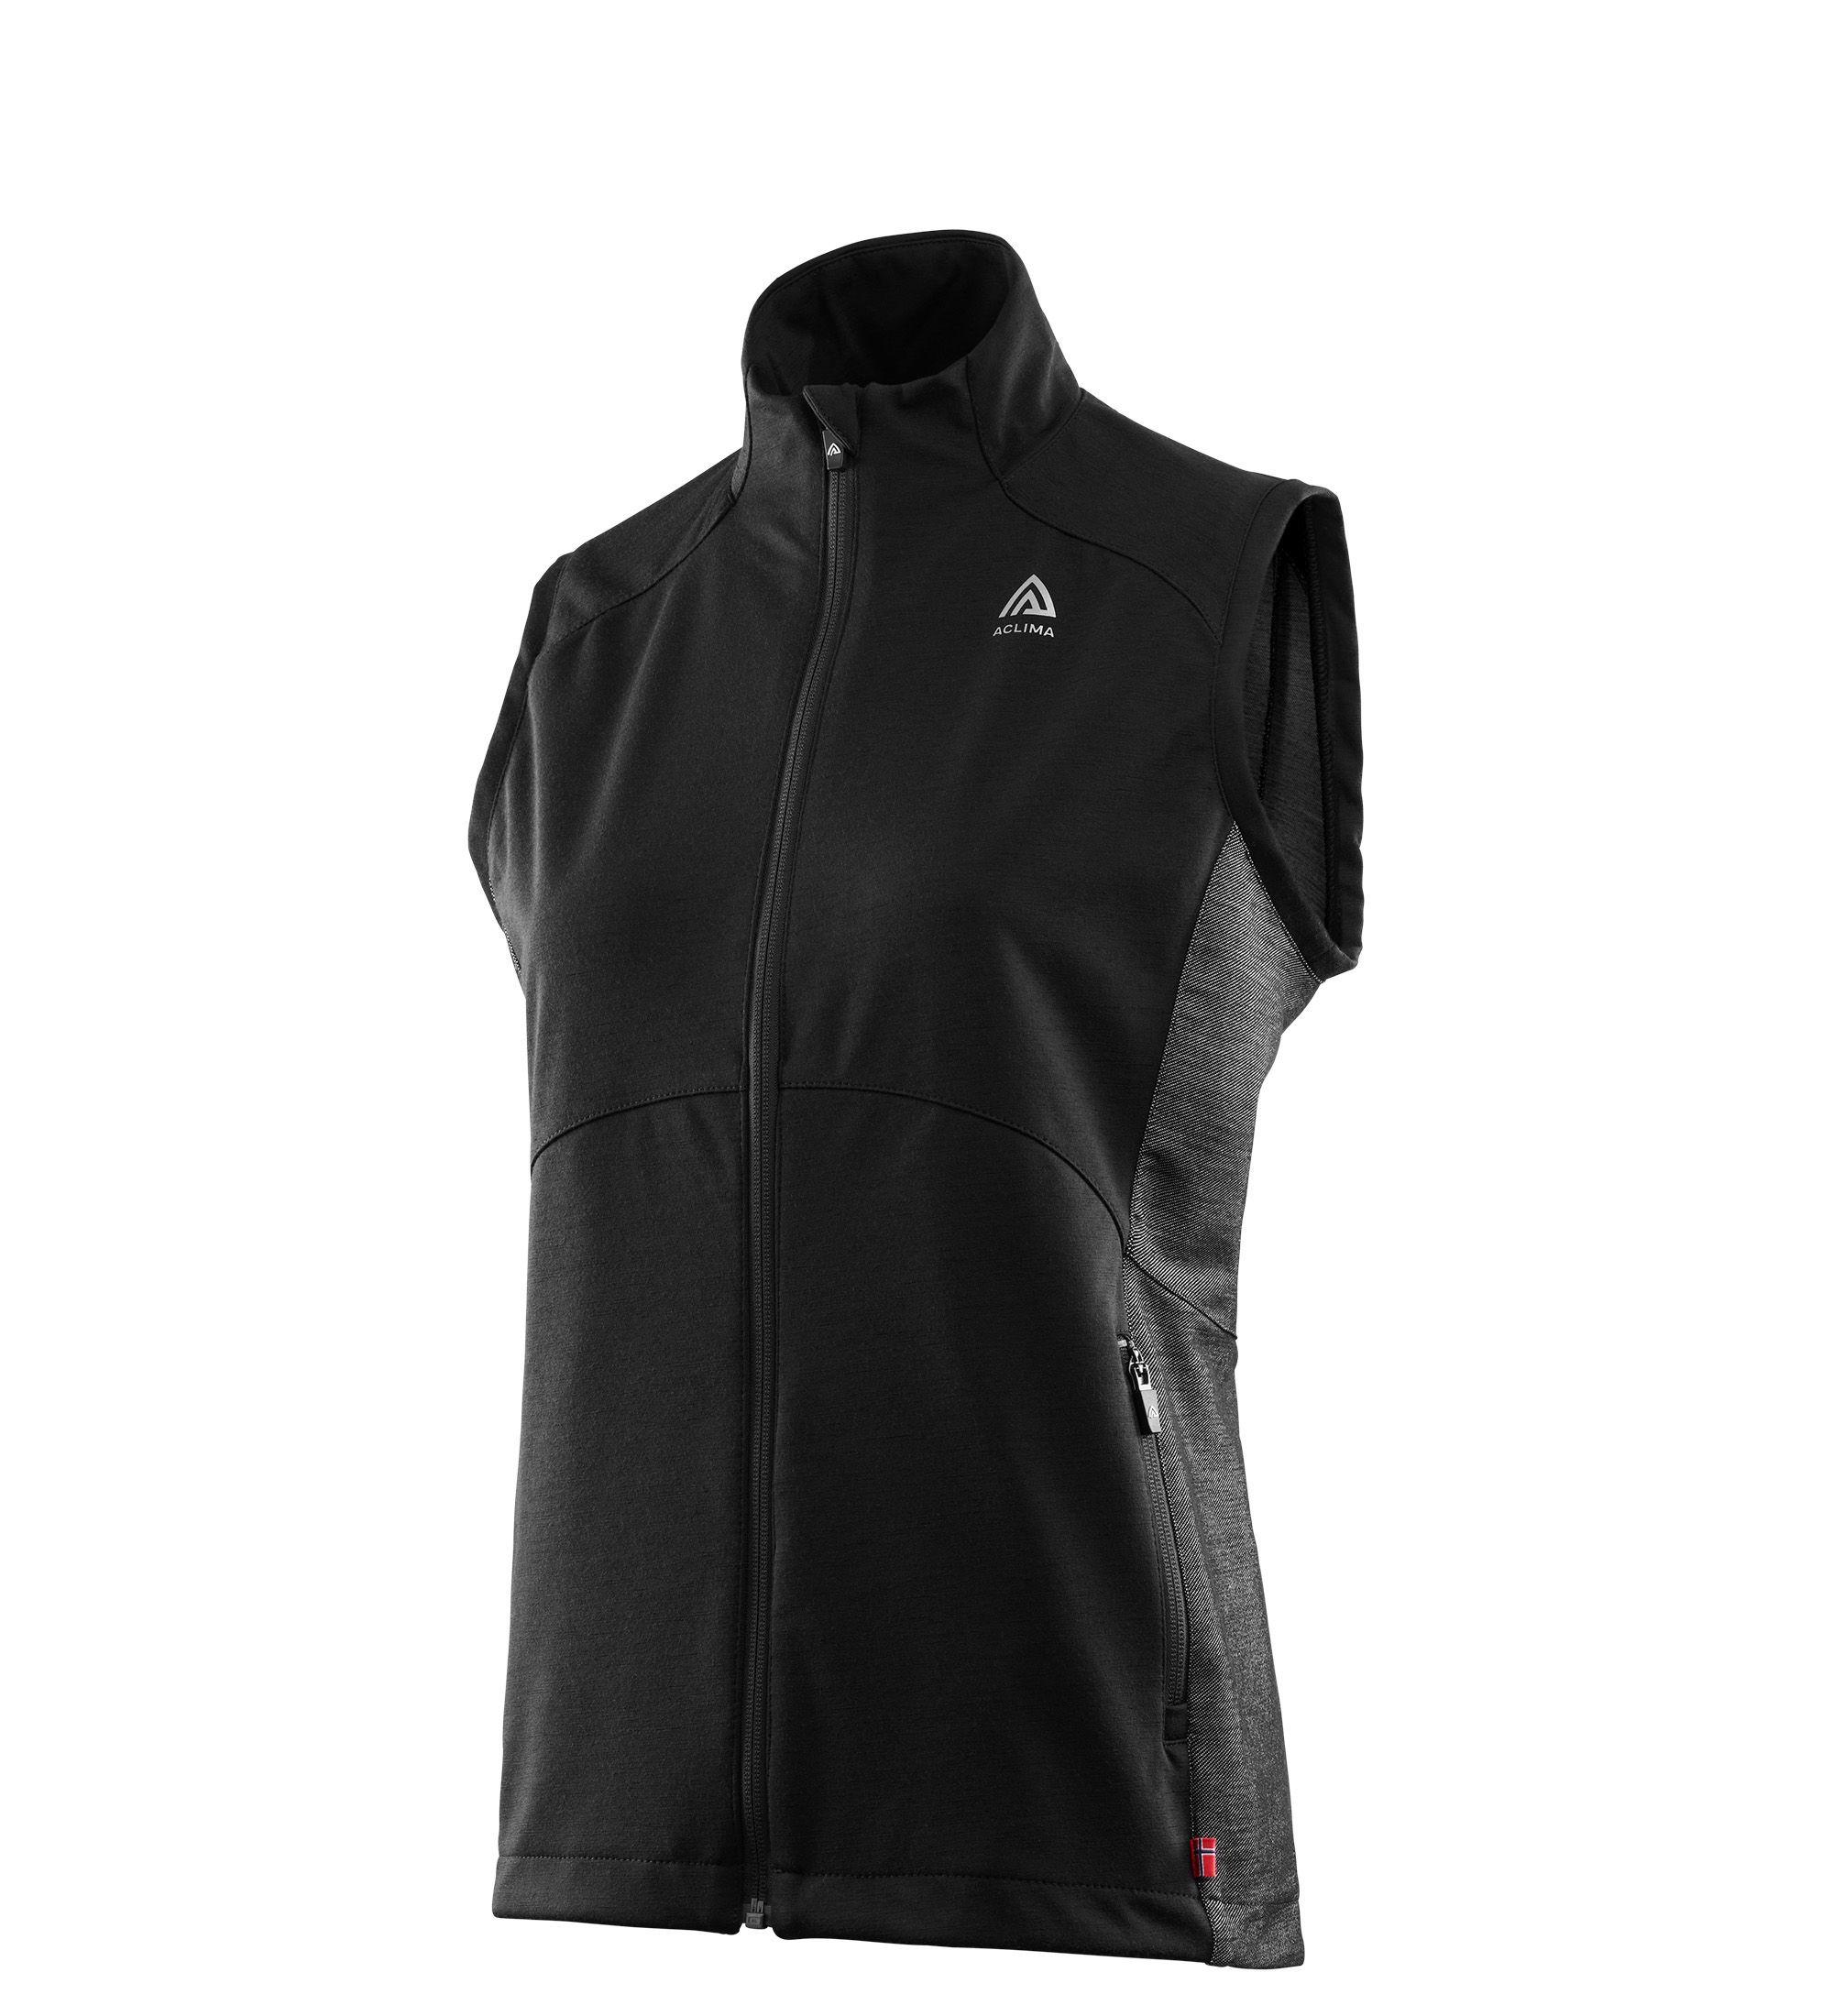 Aclima FlexWool Sports Vest, W's